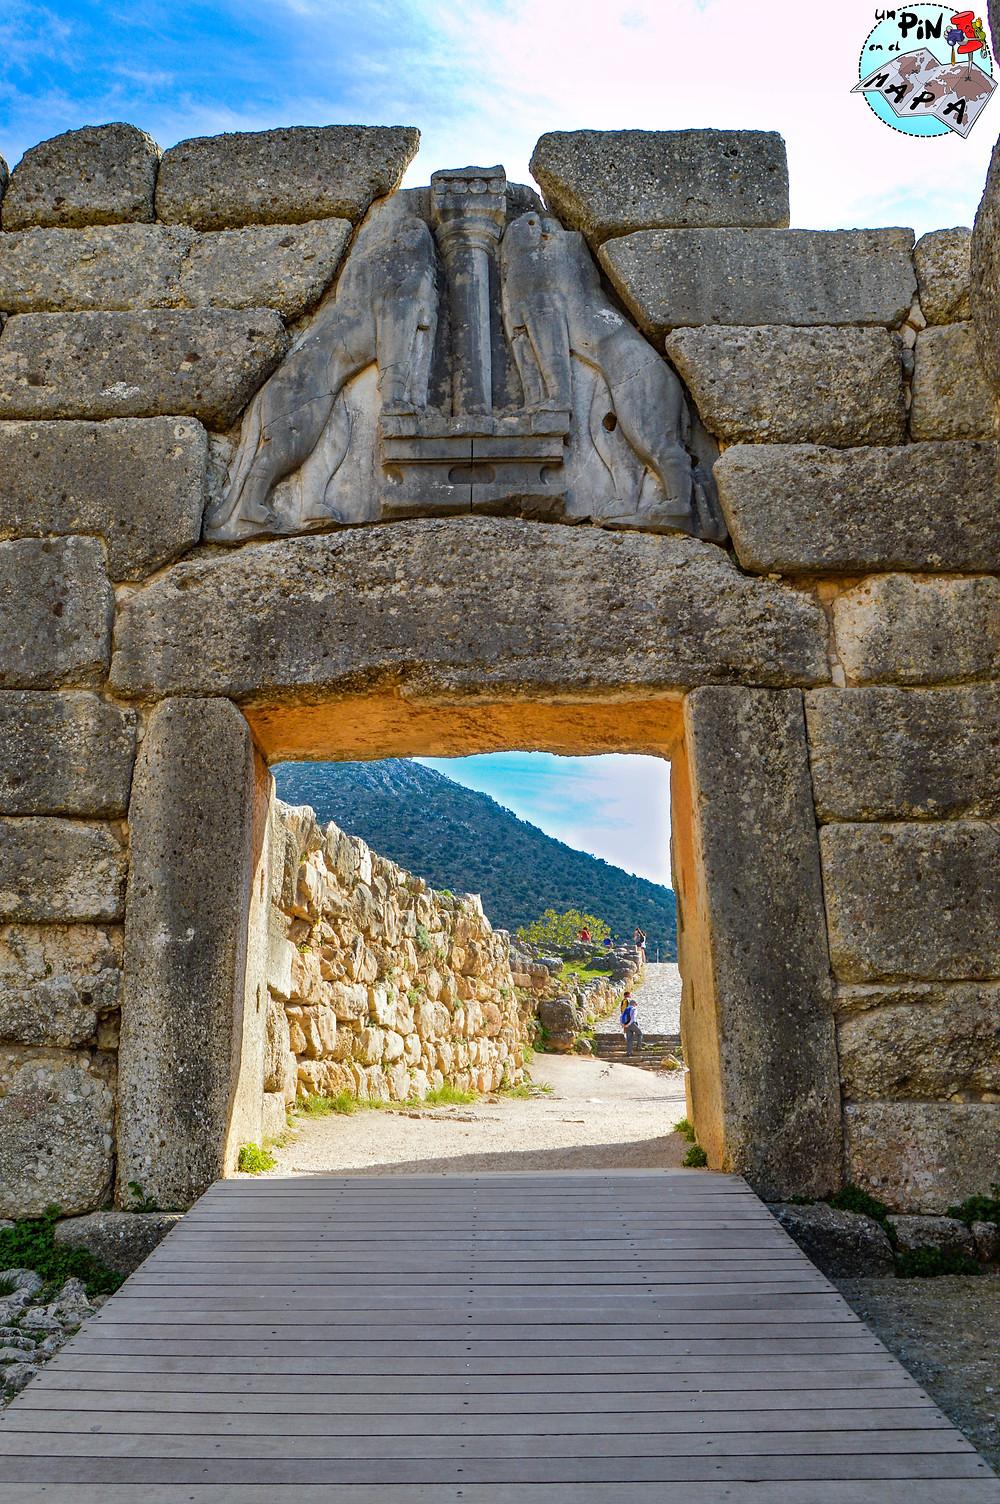 Puerta de los Leones en Micenas | Un Pin en el Mapa